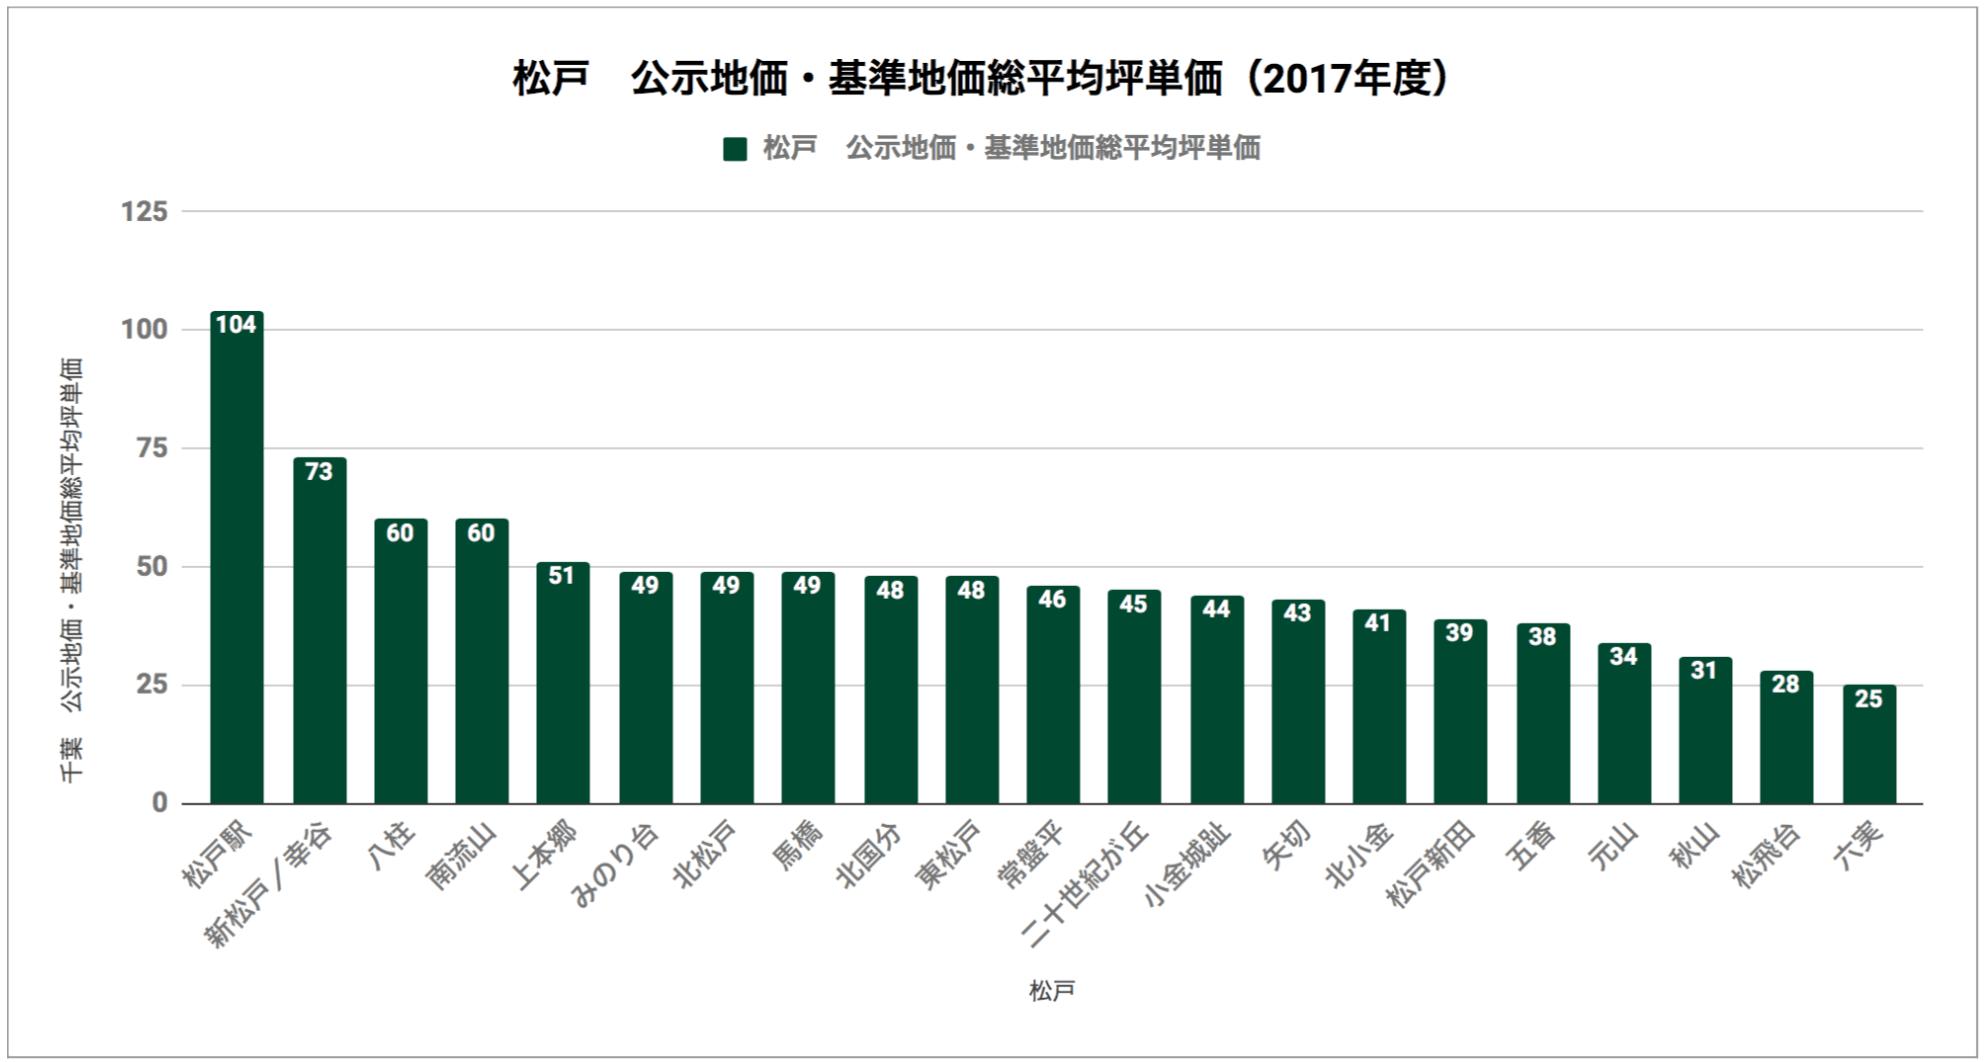 松戸「公示地価・基準地価総平均坪単価(2017年度)」